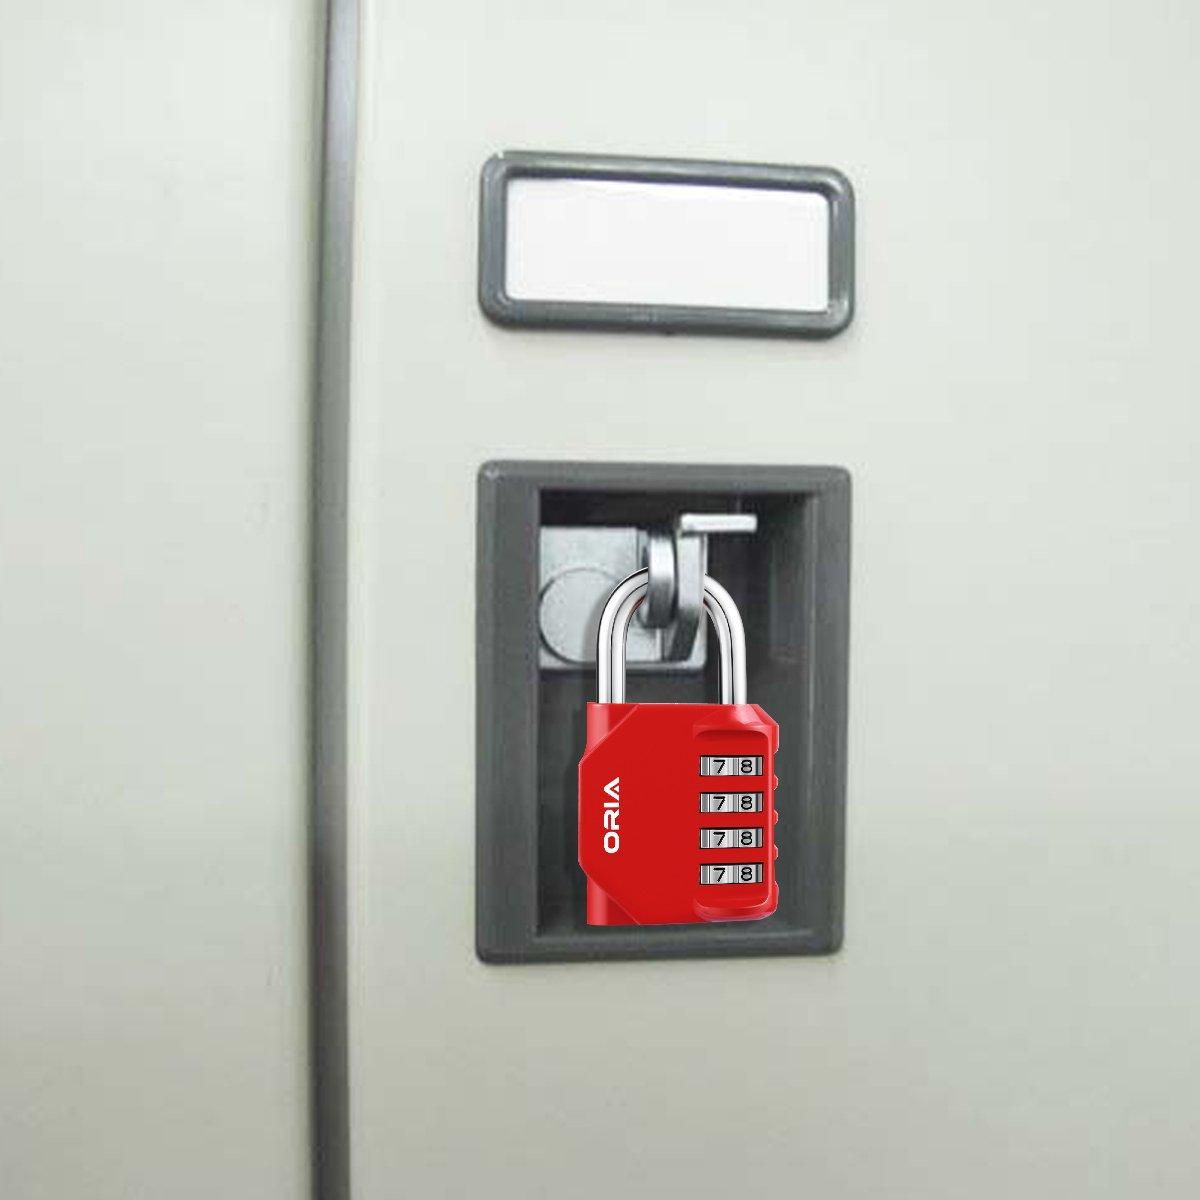 /Confezione con 2 Lucchetti con combinazione a 4/cifre blu in acciaio per armadietti della palestra e impianti sportivi Oria/ per armadietti per i dipendenti per armadietti scolastici e armadi